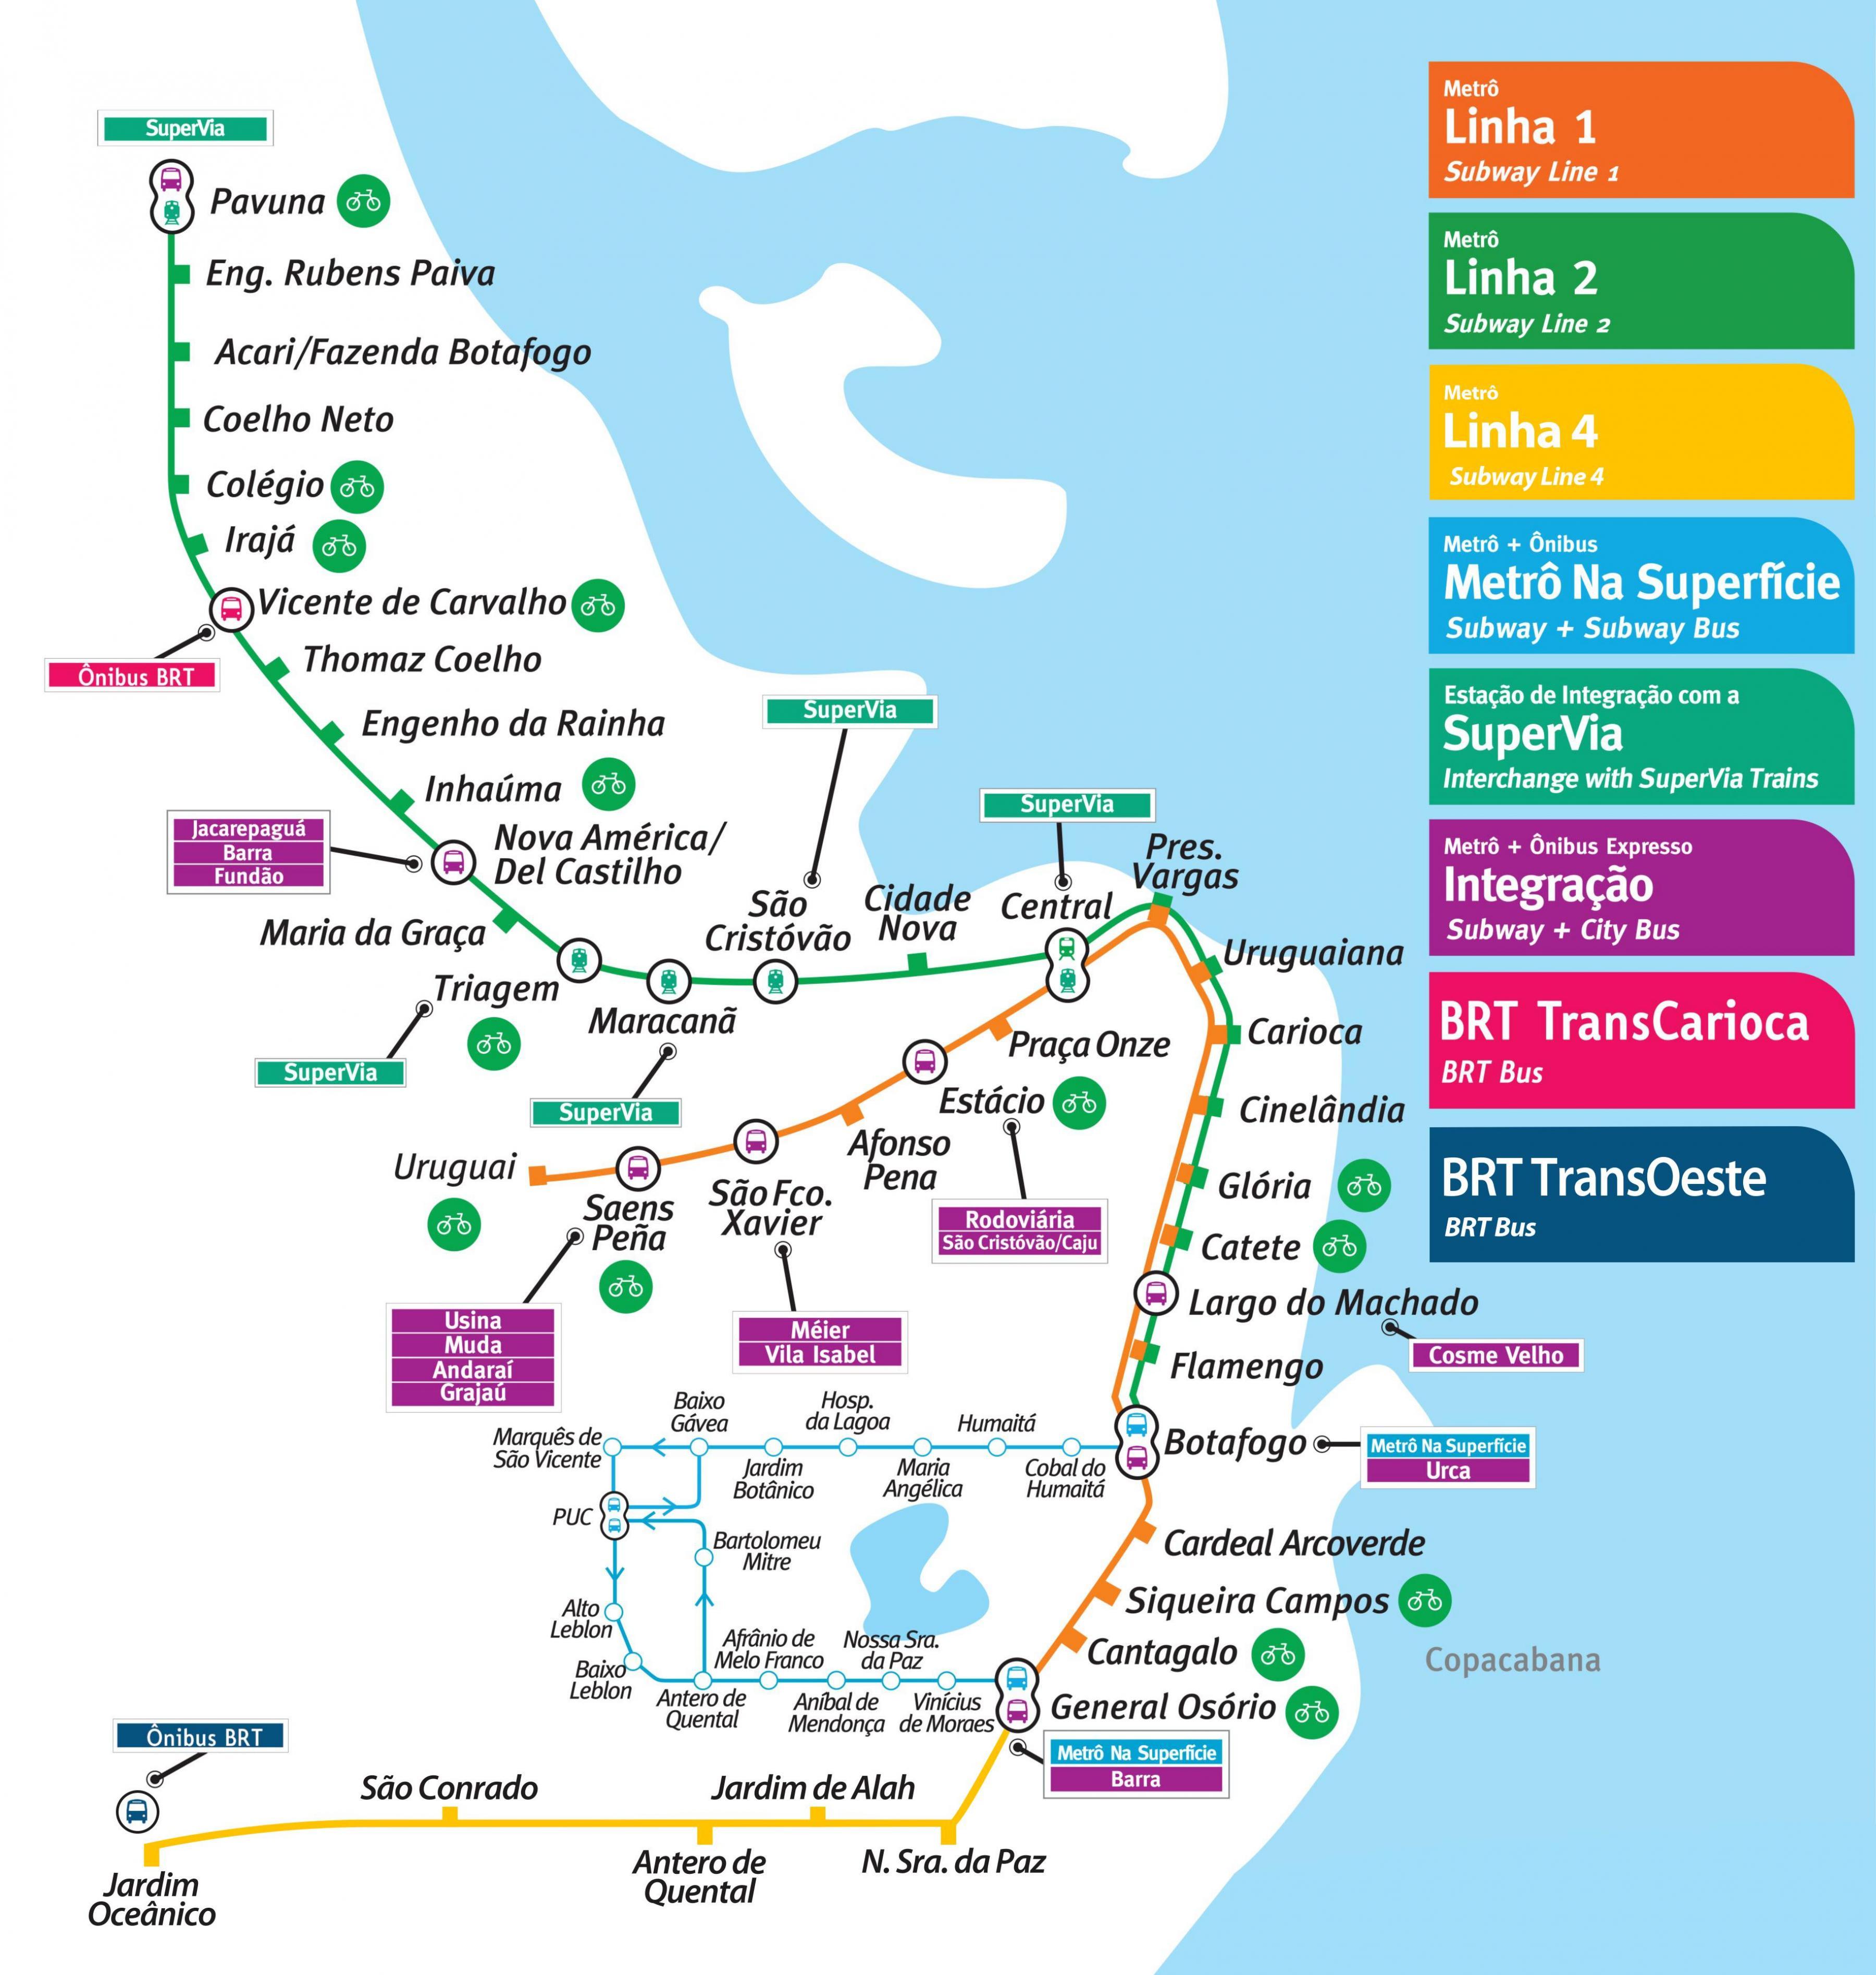 metro rio de janeiro mapa Rio de Janeiro metro mapa   Mapa Rio de Janeiro metro (Brésil) metro rio de janeiro mapa